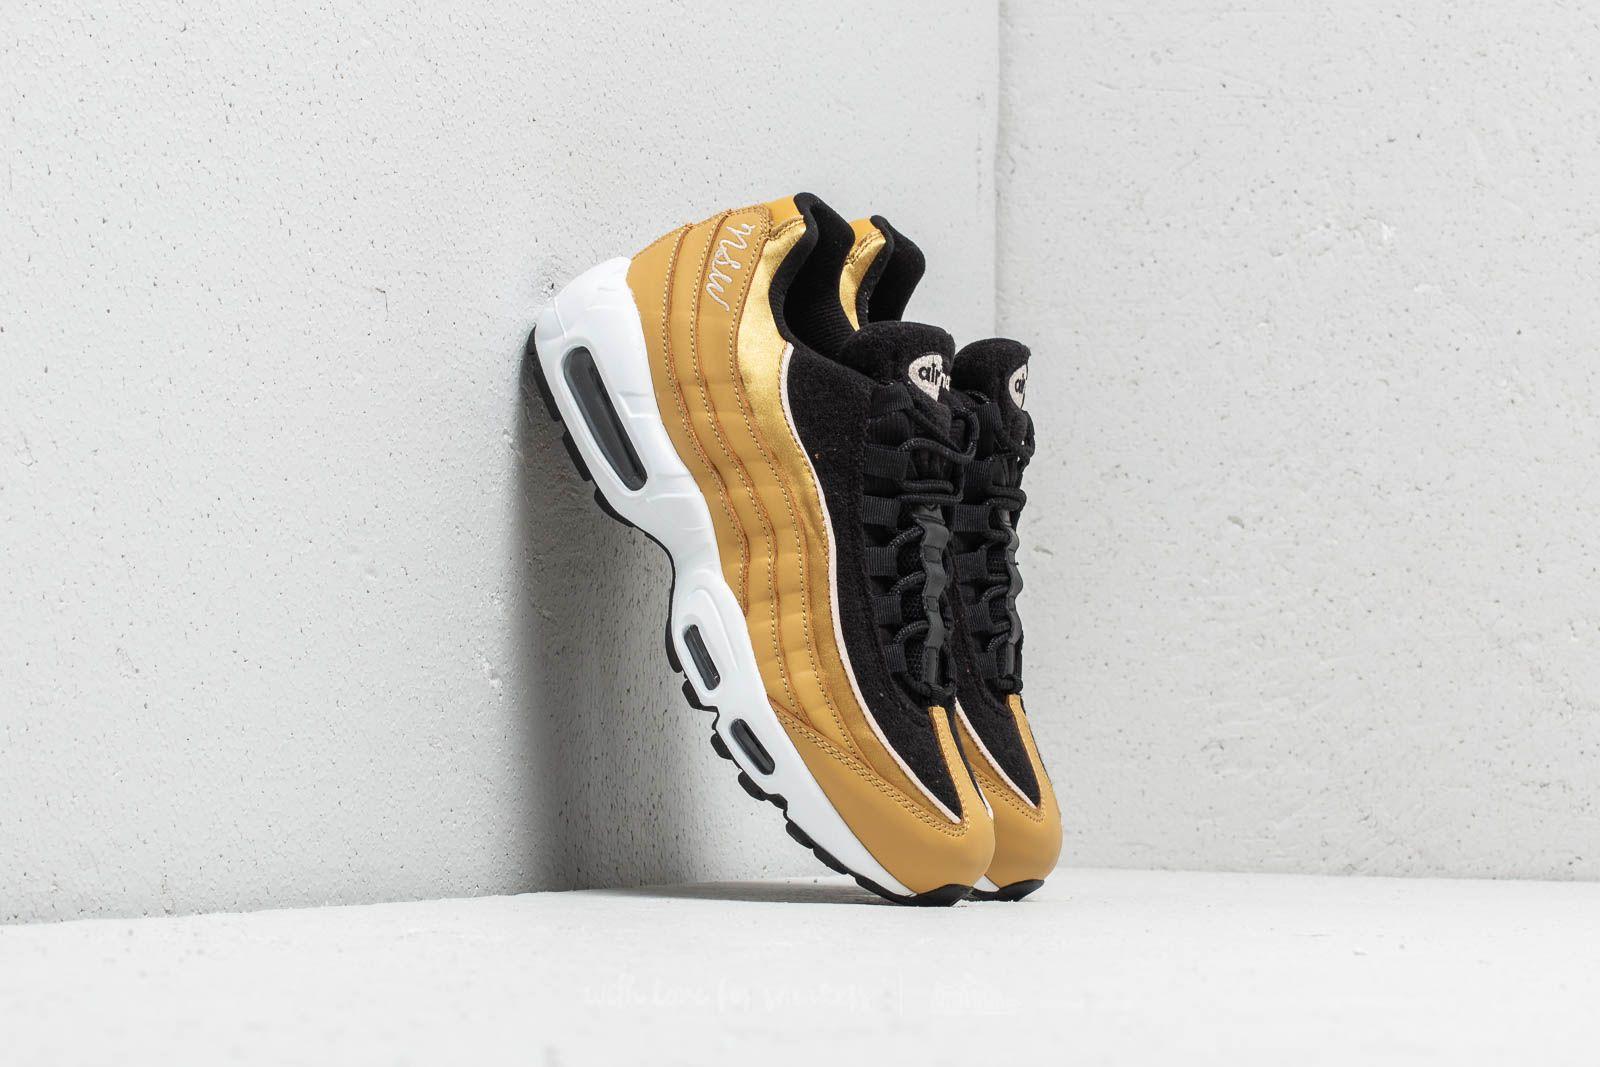 szerokie odmiany San Francisco sklep internetowy Shoptagr | Nike Wmns Air Max 95 Lx by Nike